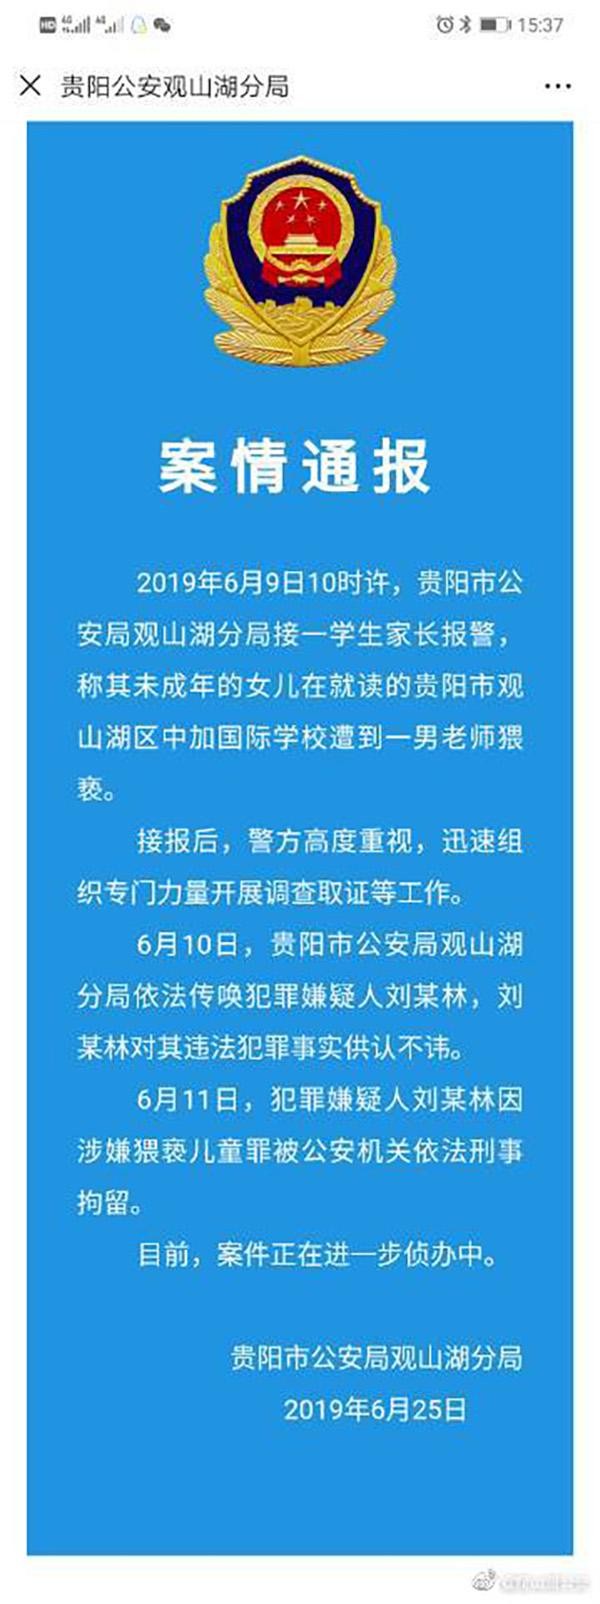 贵阳一民办学校男教师猥亵女生被刑拘,市政府要求依法依规从重从快处理